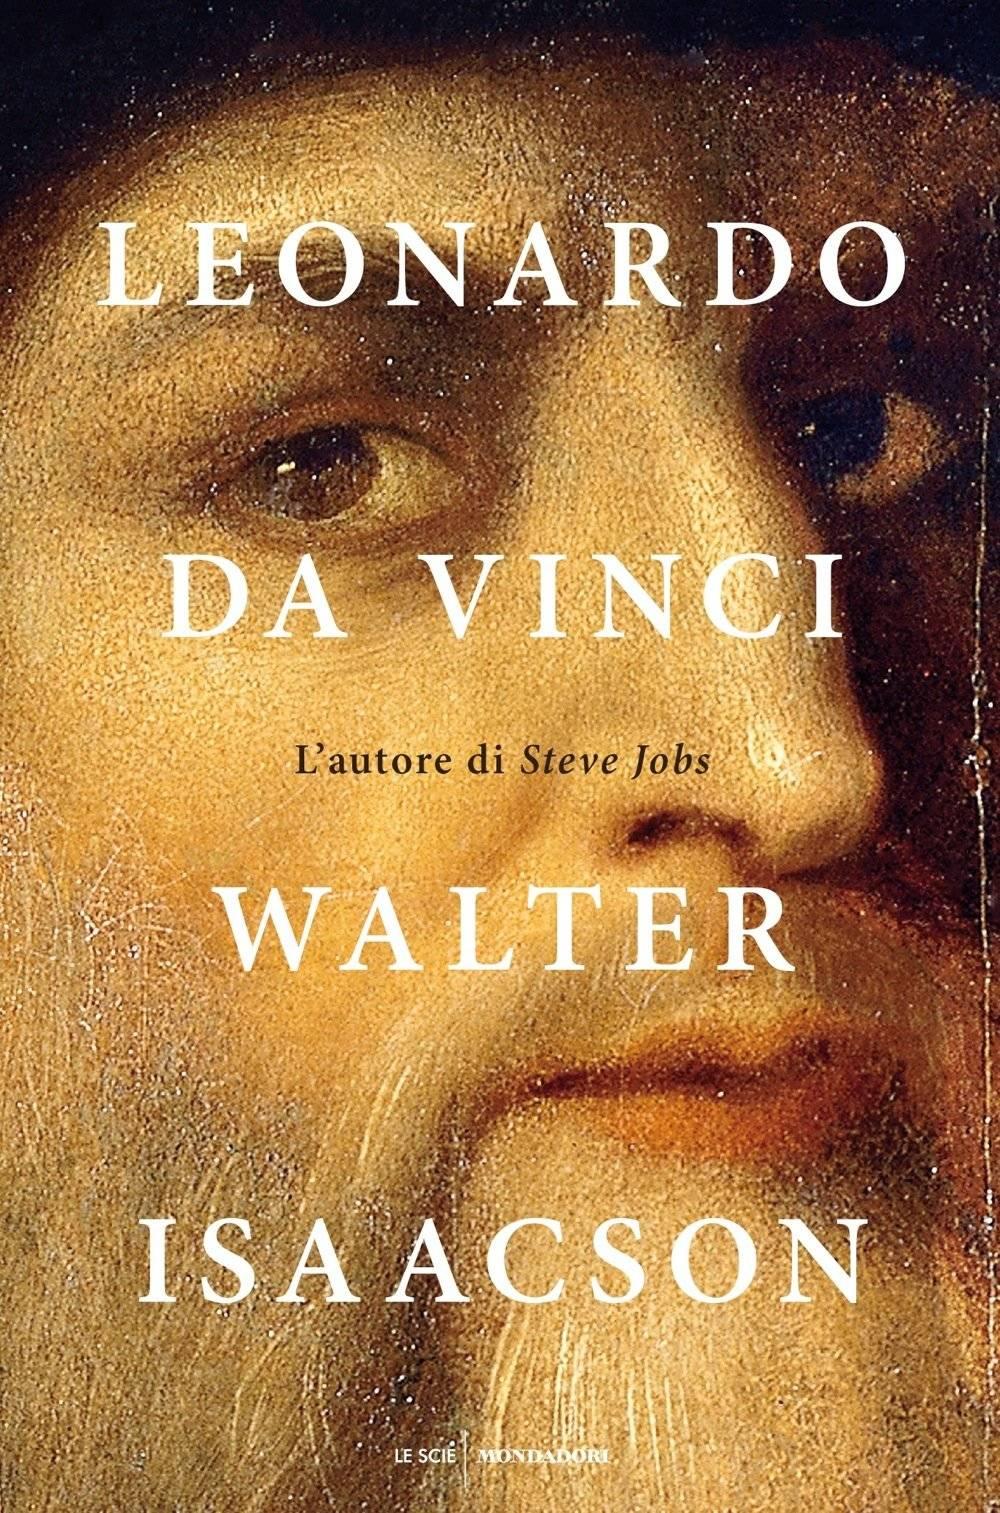 Leonardo da Vinci Walter Isaacson